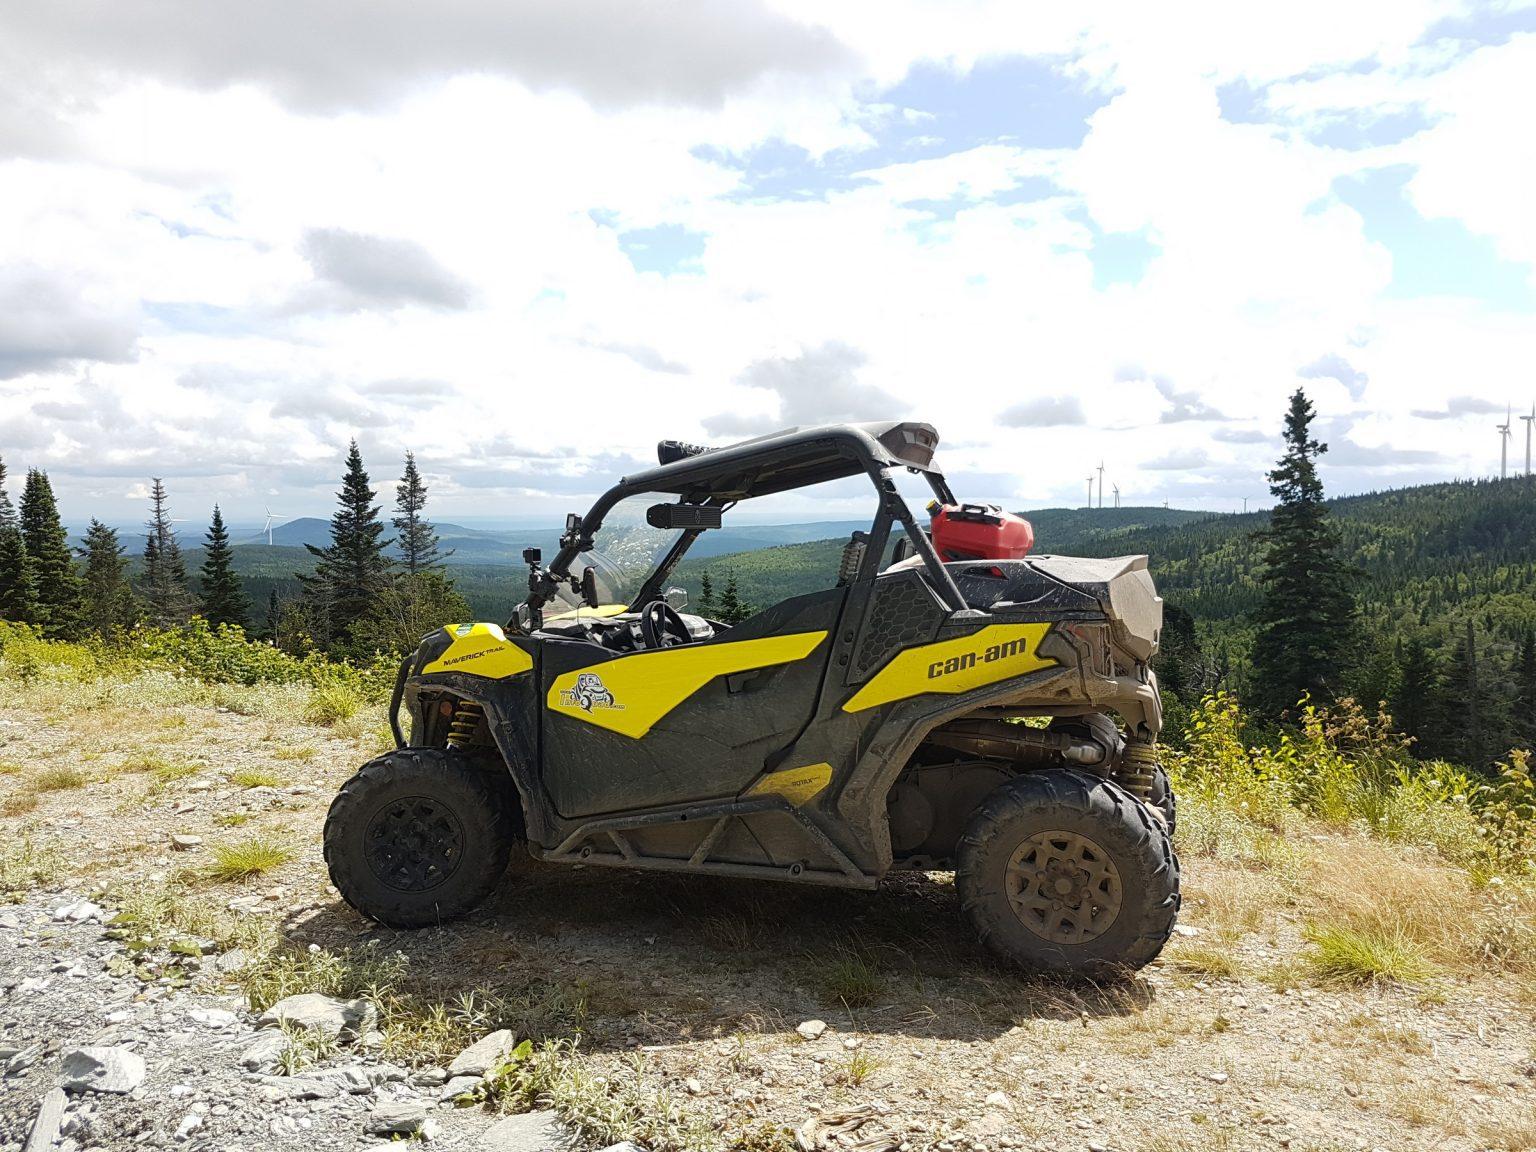 Randonnée de quad en solo dans Chaudière-Appalaches